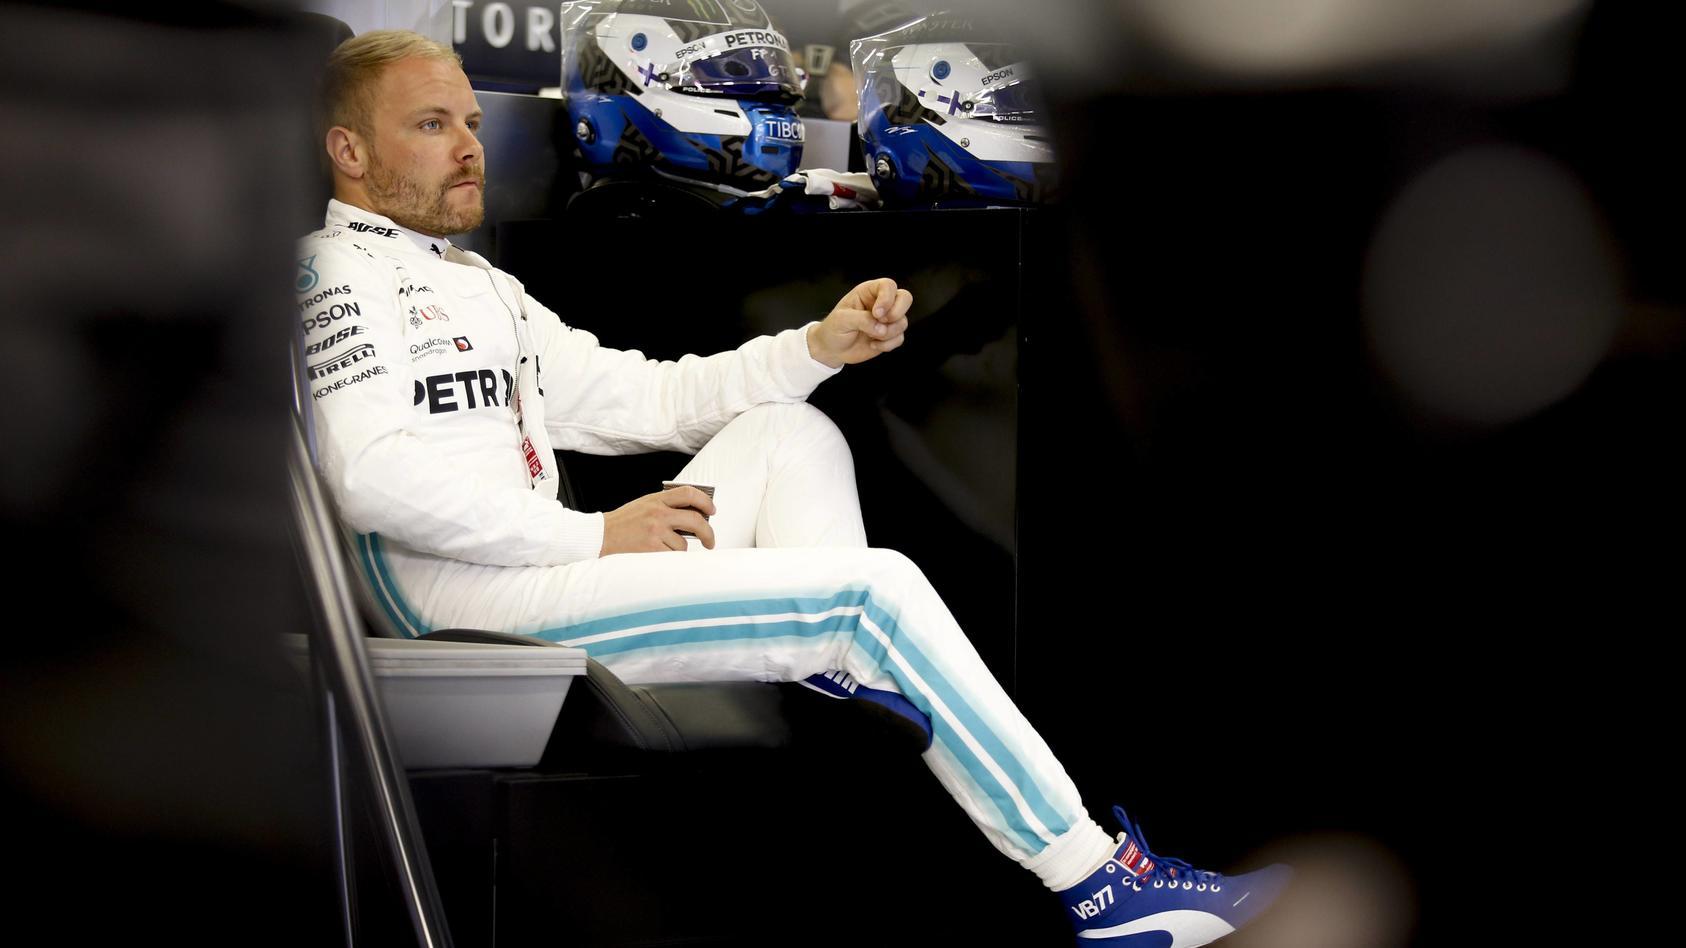 Motorsports: FIA Formula One World Championship, WM, Weltmeisterschaft 2019, Grand Prix of Austria, 77 Valtteri Bottas